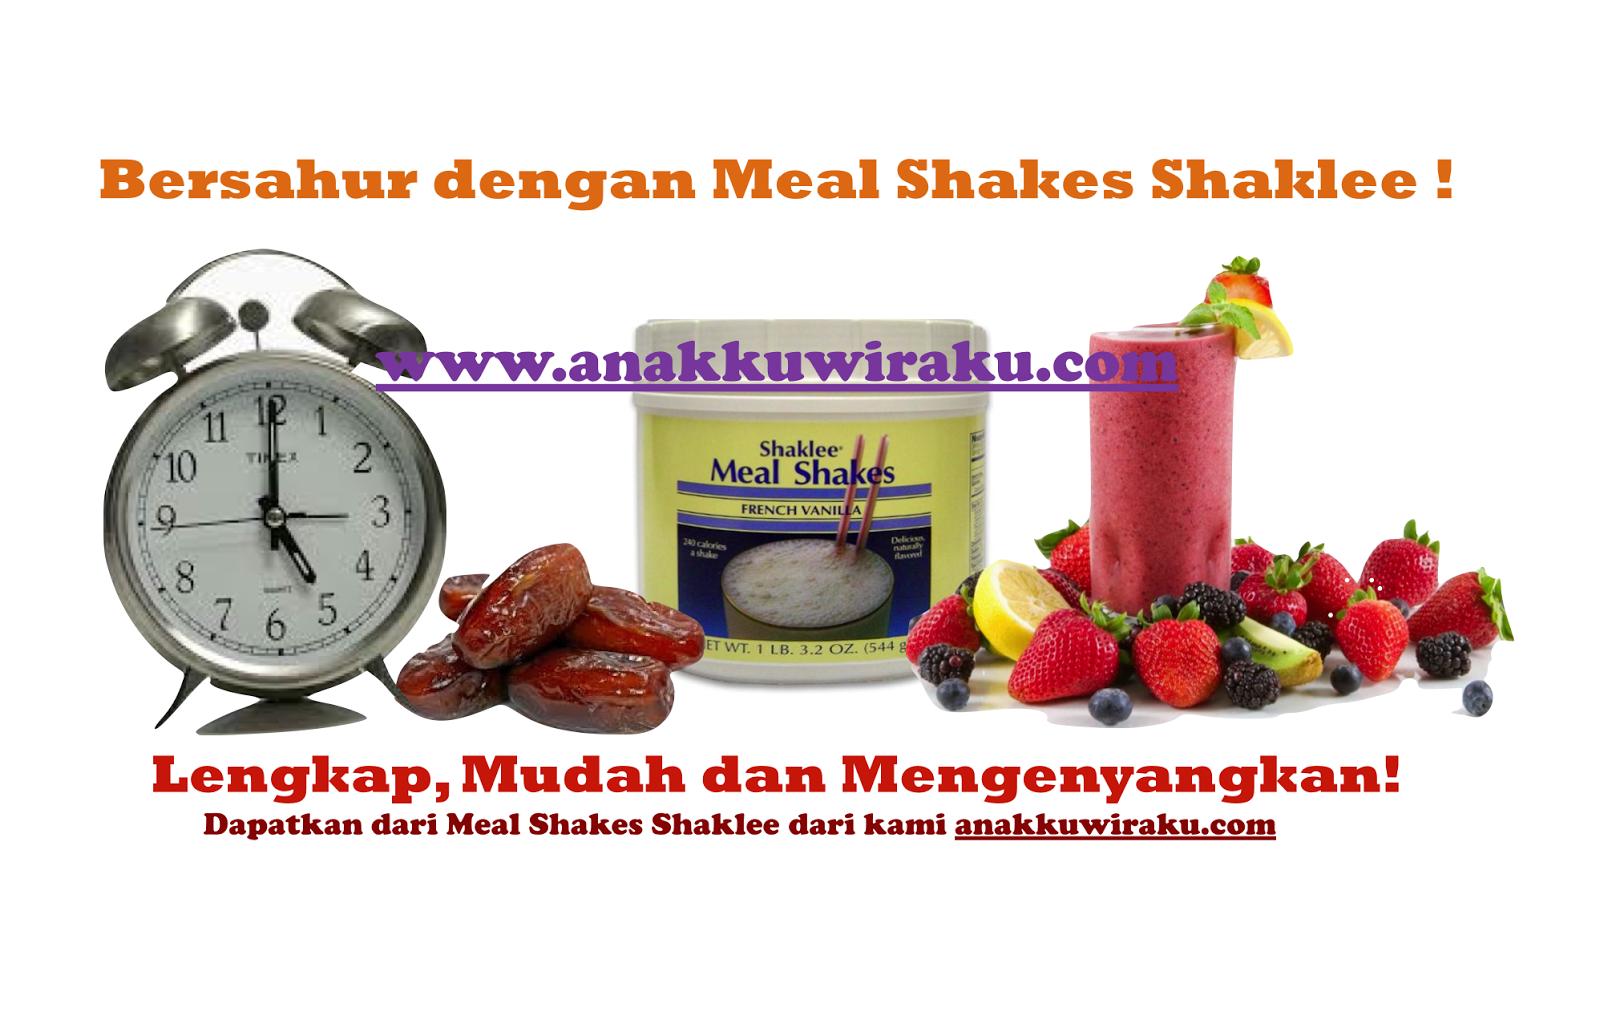 Miri Meal Shakes Shaklee